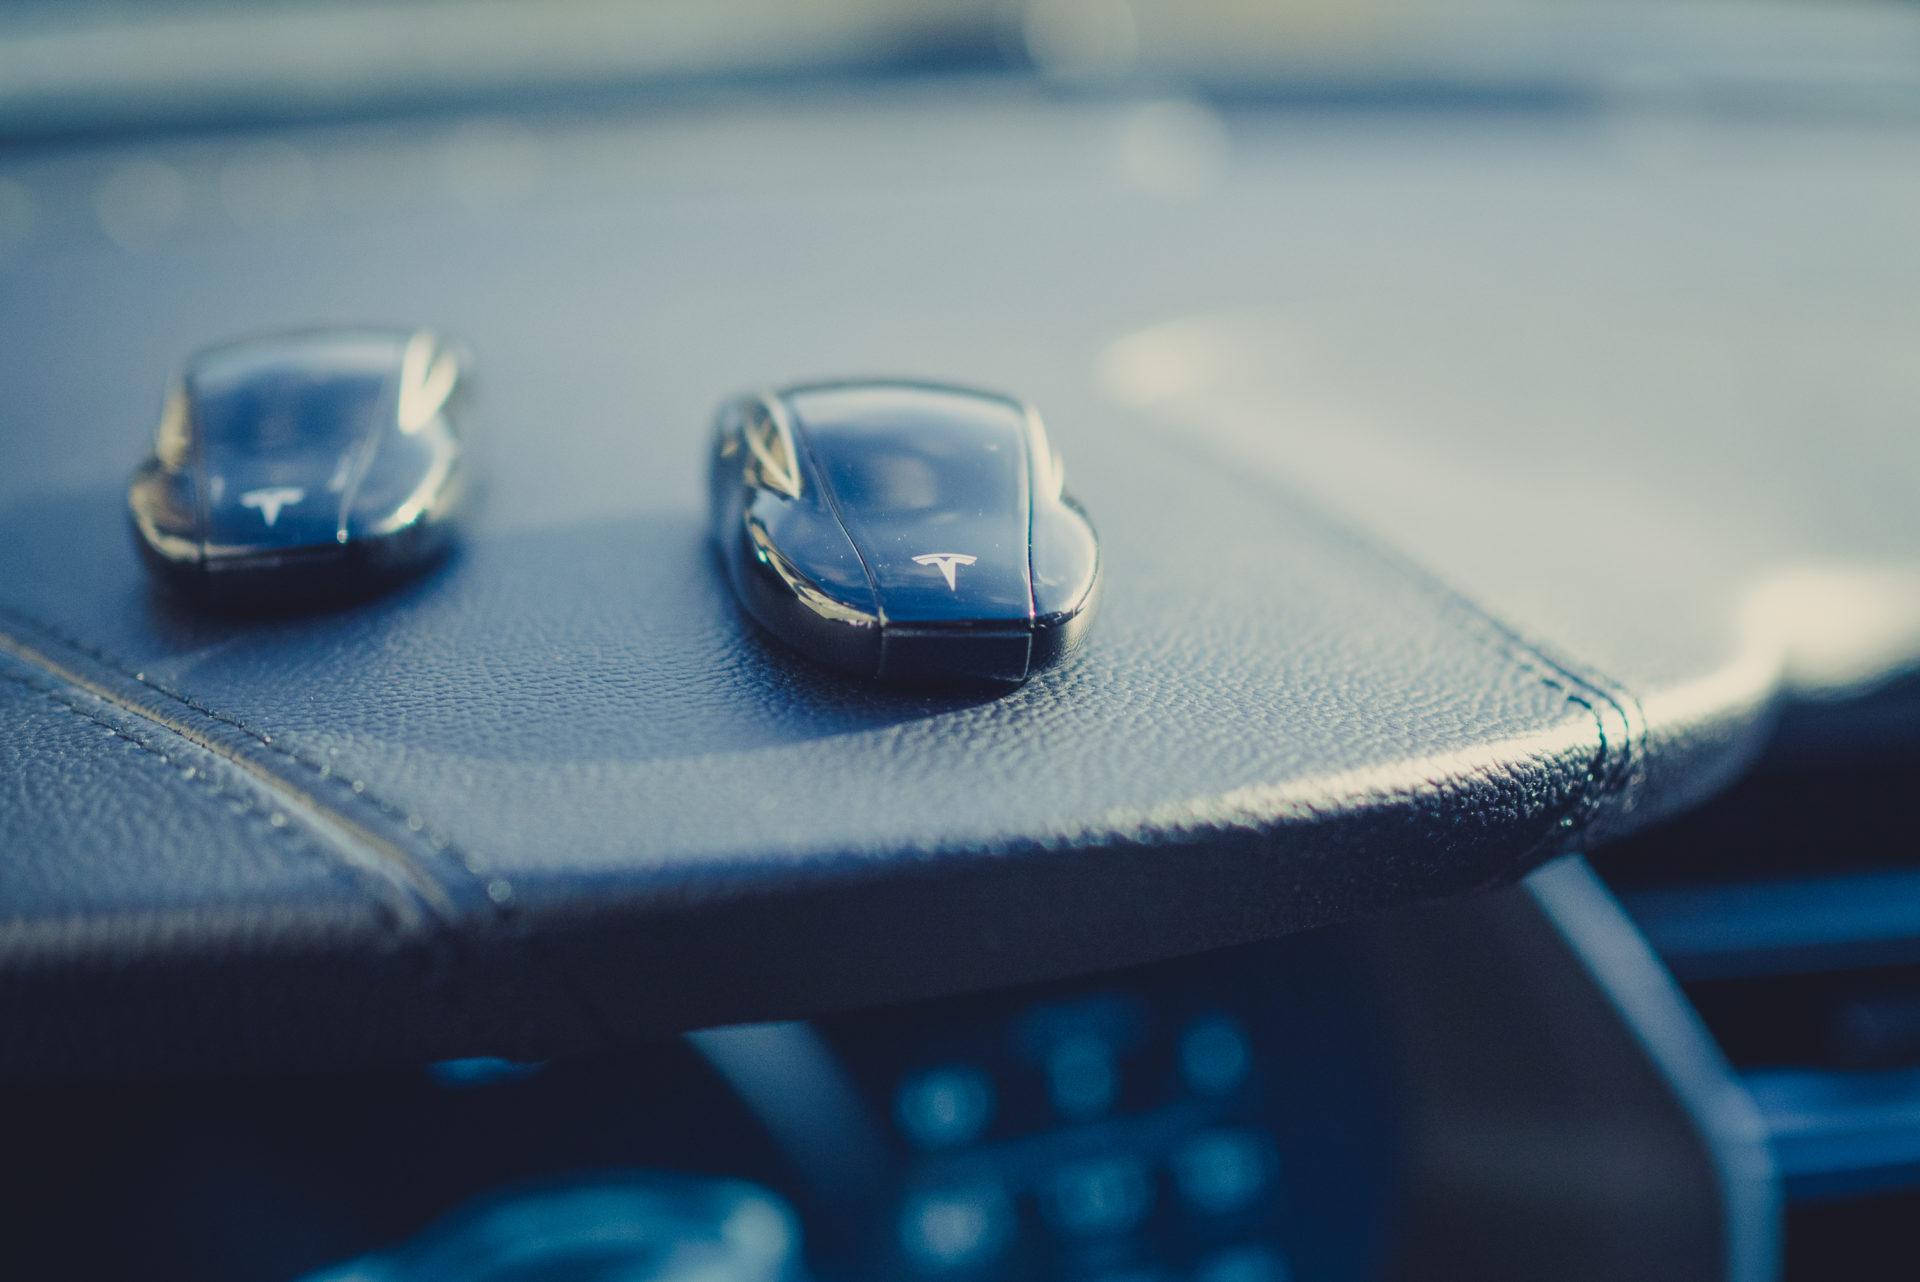 Tesla Model S Schlüssel Funkfernbedienung Fernbedienung FOB Key Armaturenbrett Ablage emobility greenspeed Aachen Deutschland NRW Gebrauchtwagen kaufen Autohändler